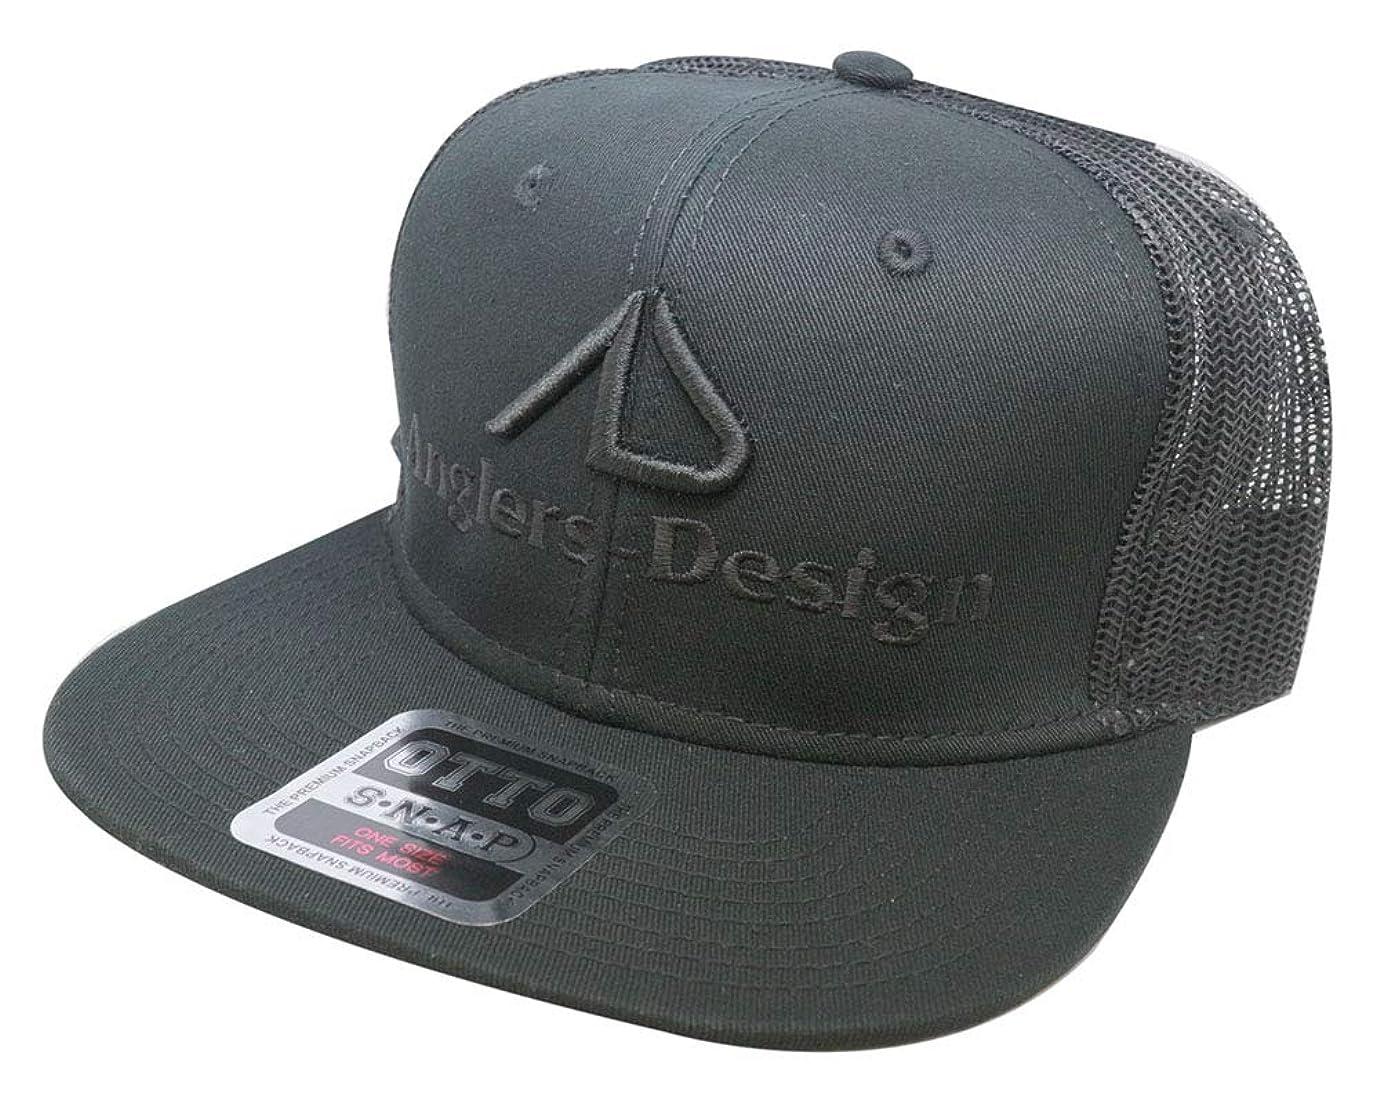 ログこしょう通訳アングラーズデザイン(Anglers Design) ADC-16 フラットバイザーメッシュキャップ ブラック ADC-16 ブラック